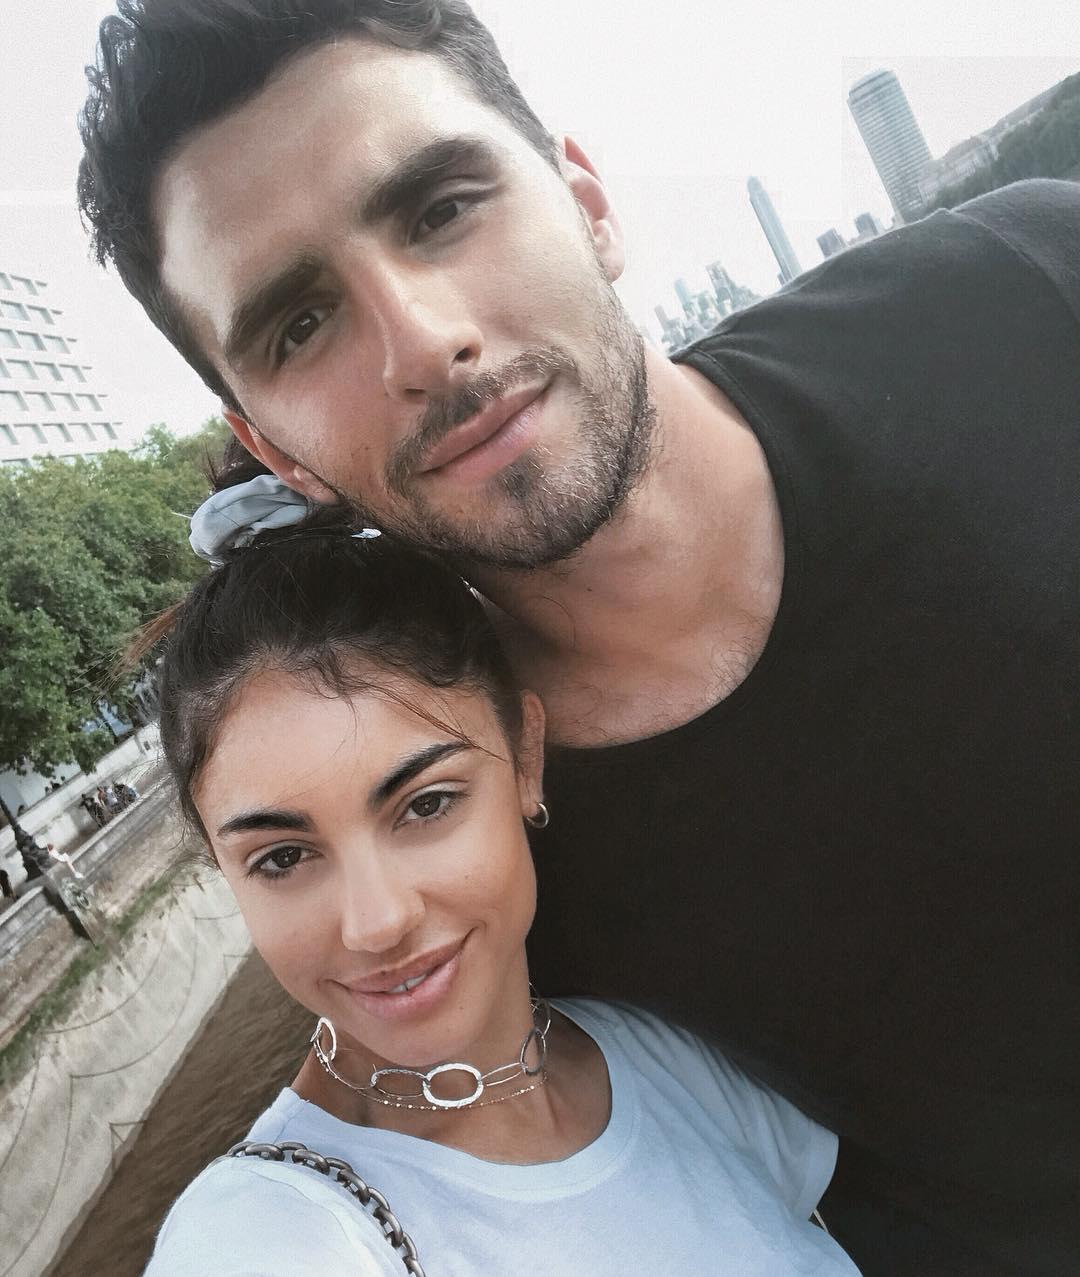 Το ζευγάρι της ελληνικής showbiz παντρεύεται – Μετά την επανασύνδεση, ήρθε η πρόταση γάμου!